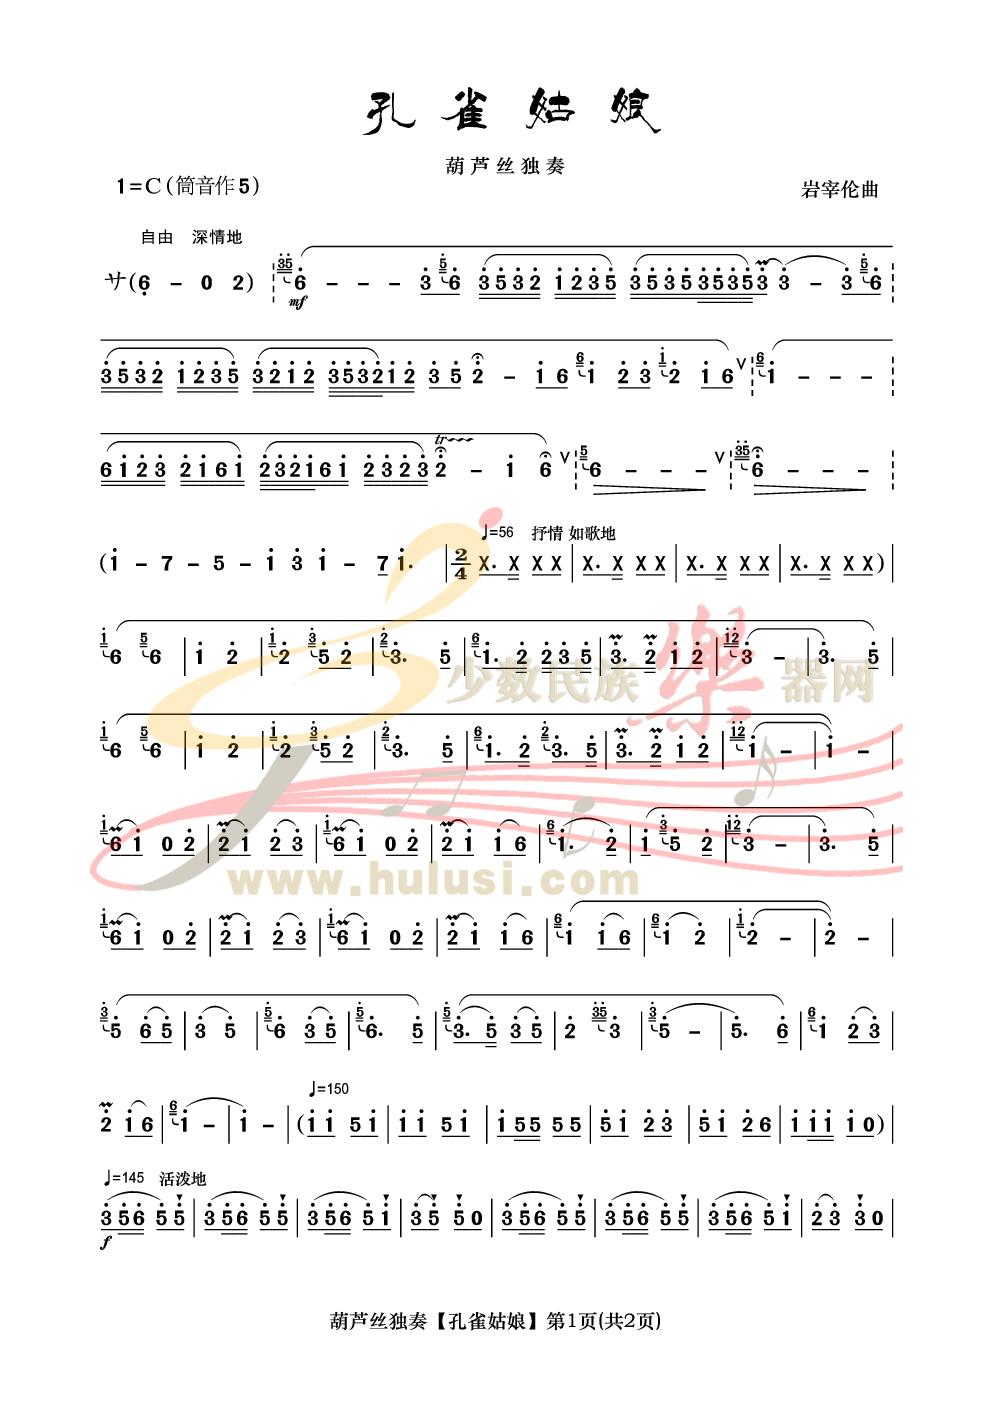 重新整理《孔雀姑娘》曲谱 示范 伴奏 - 【【葫芦丝